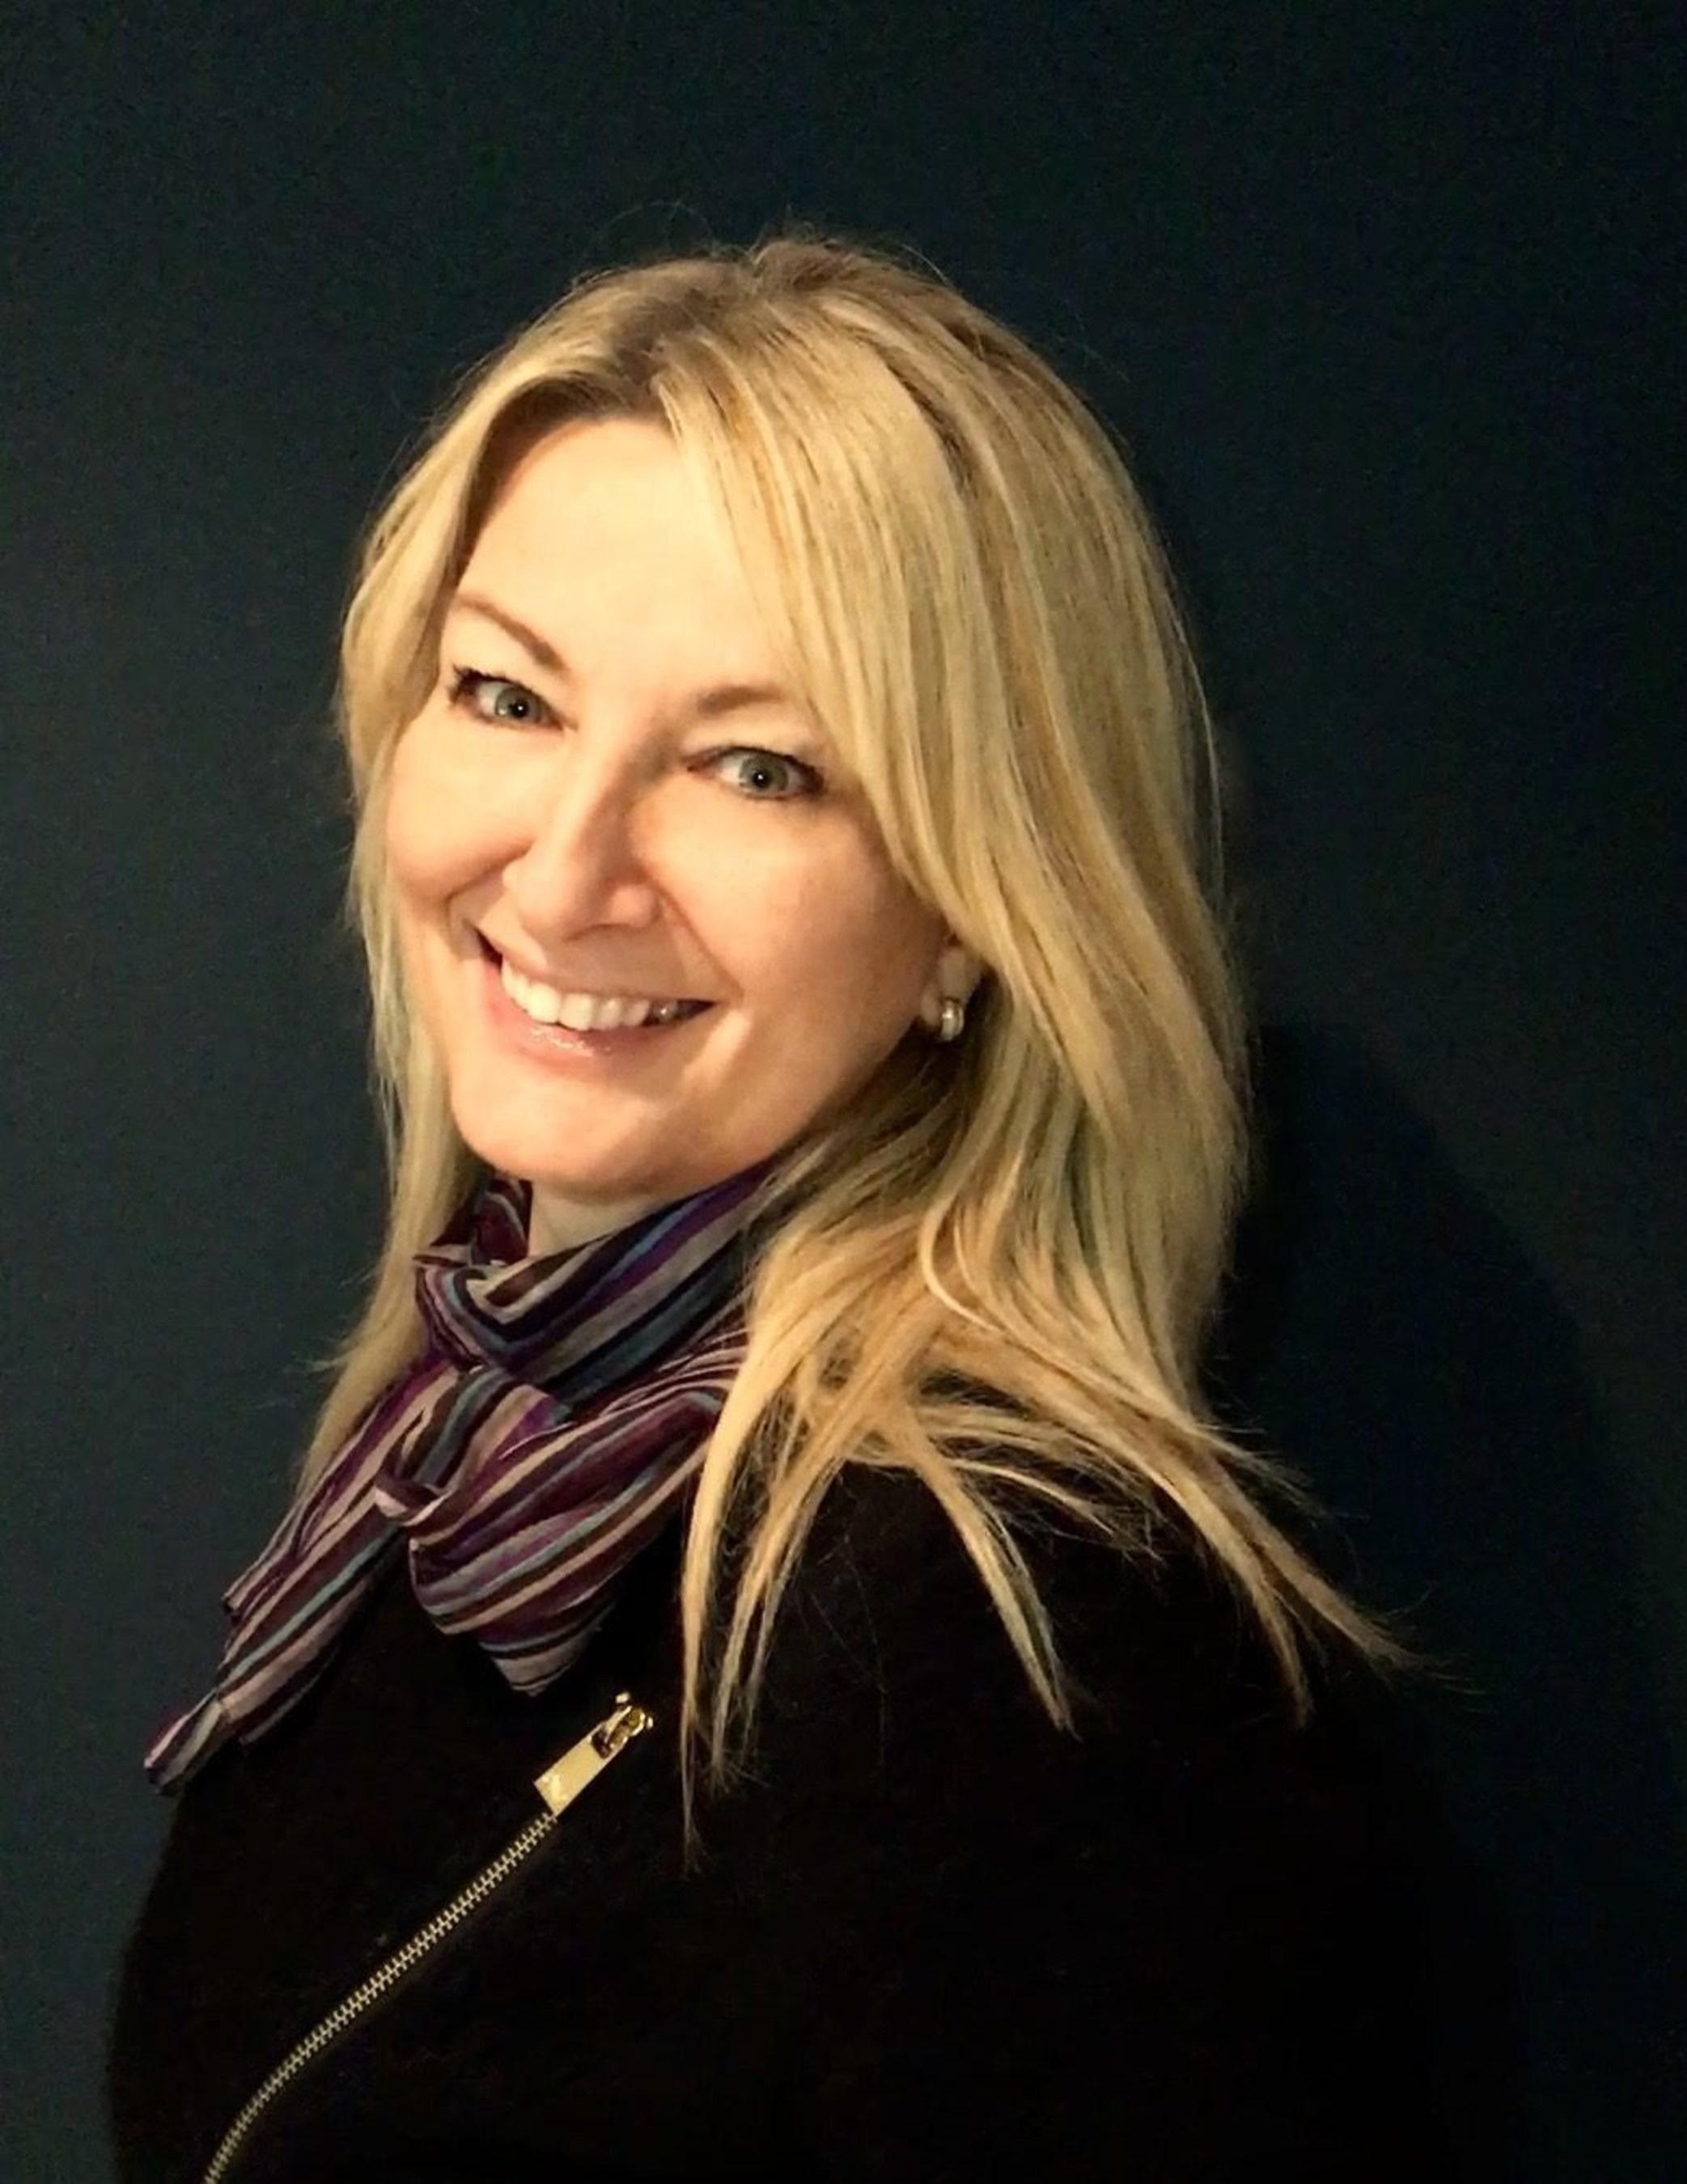 Sally Tilleray, new Chairman of Cognito Media (PRNewsFoto/Cognito)